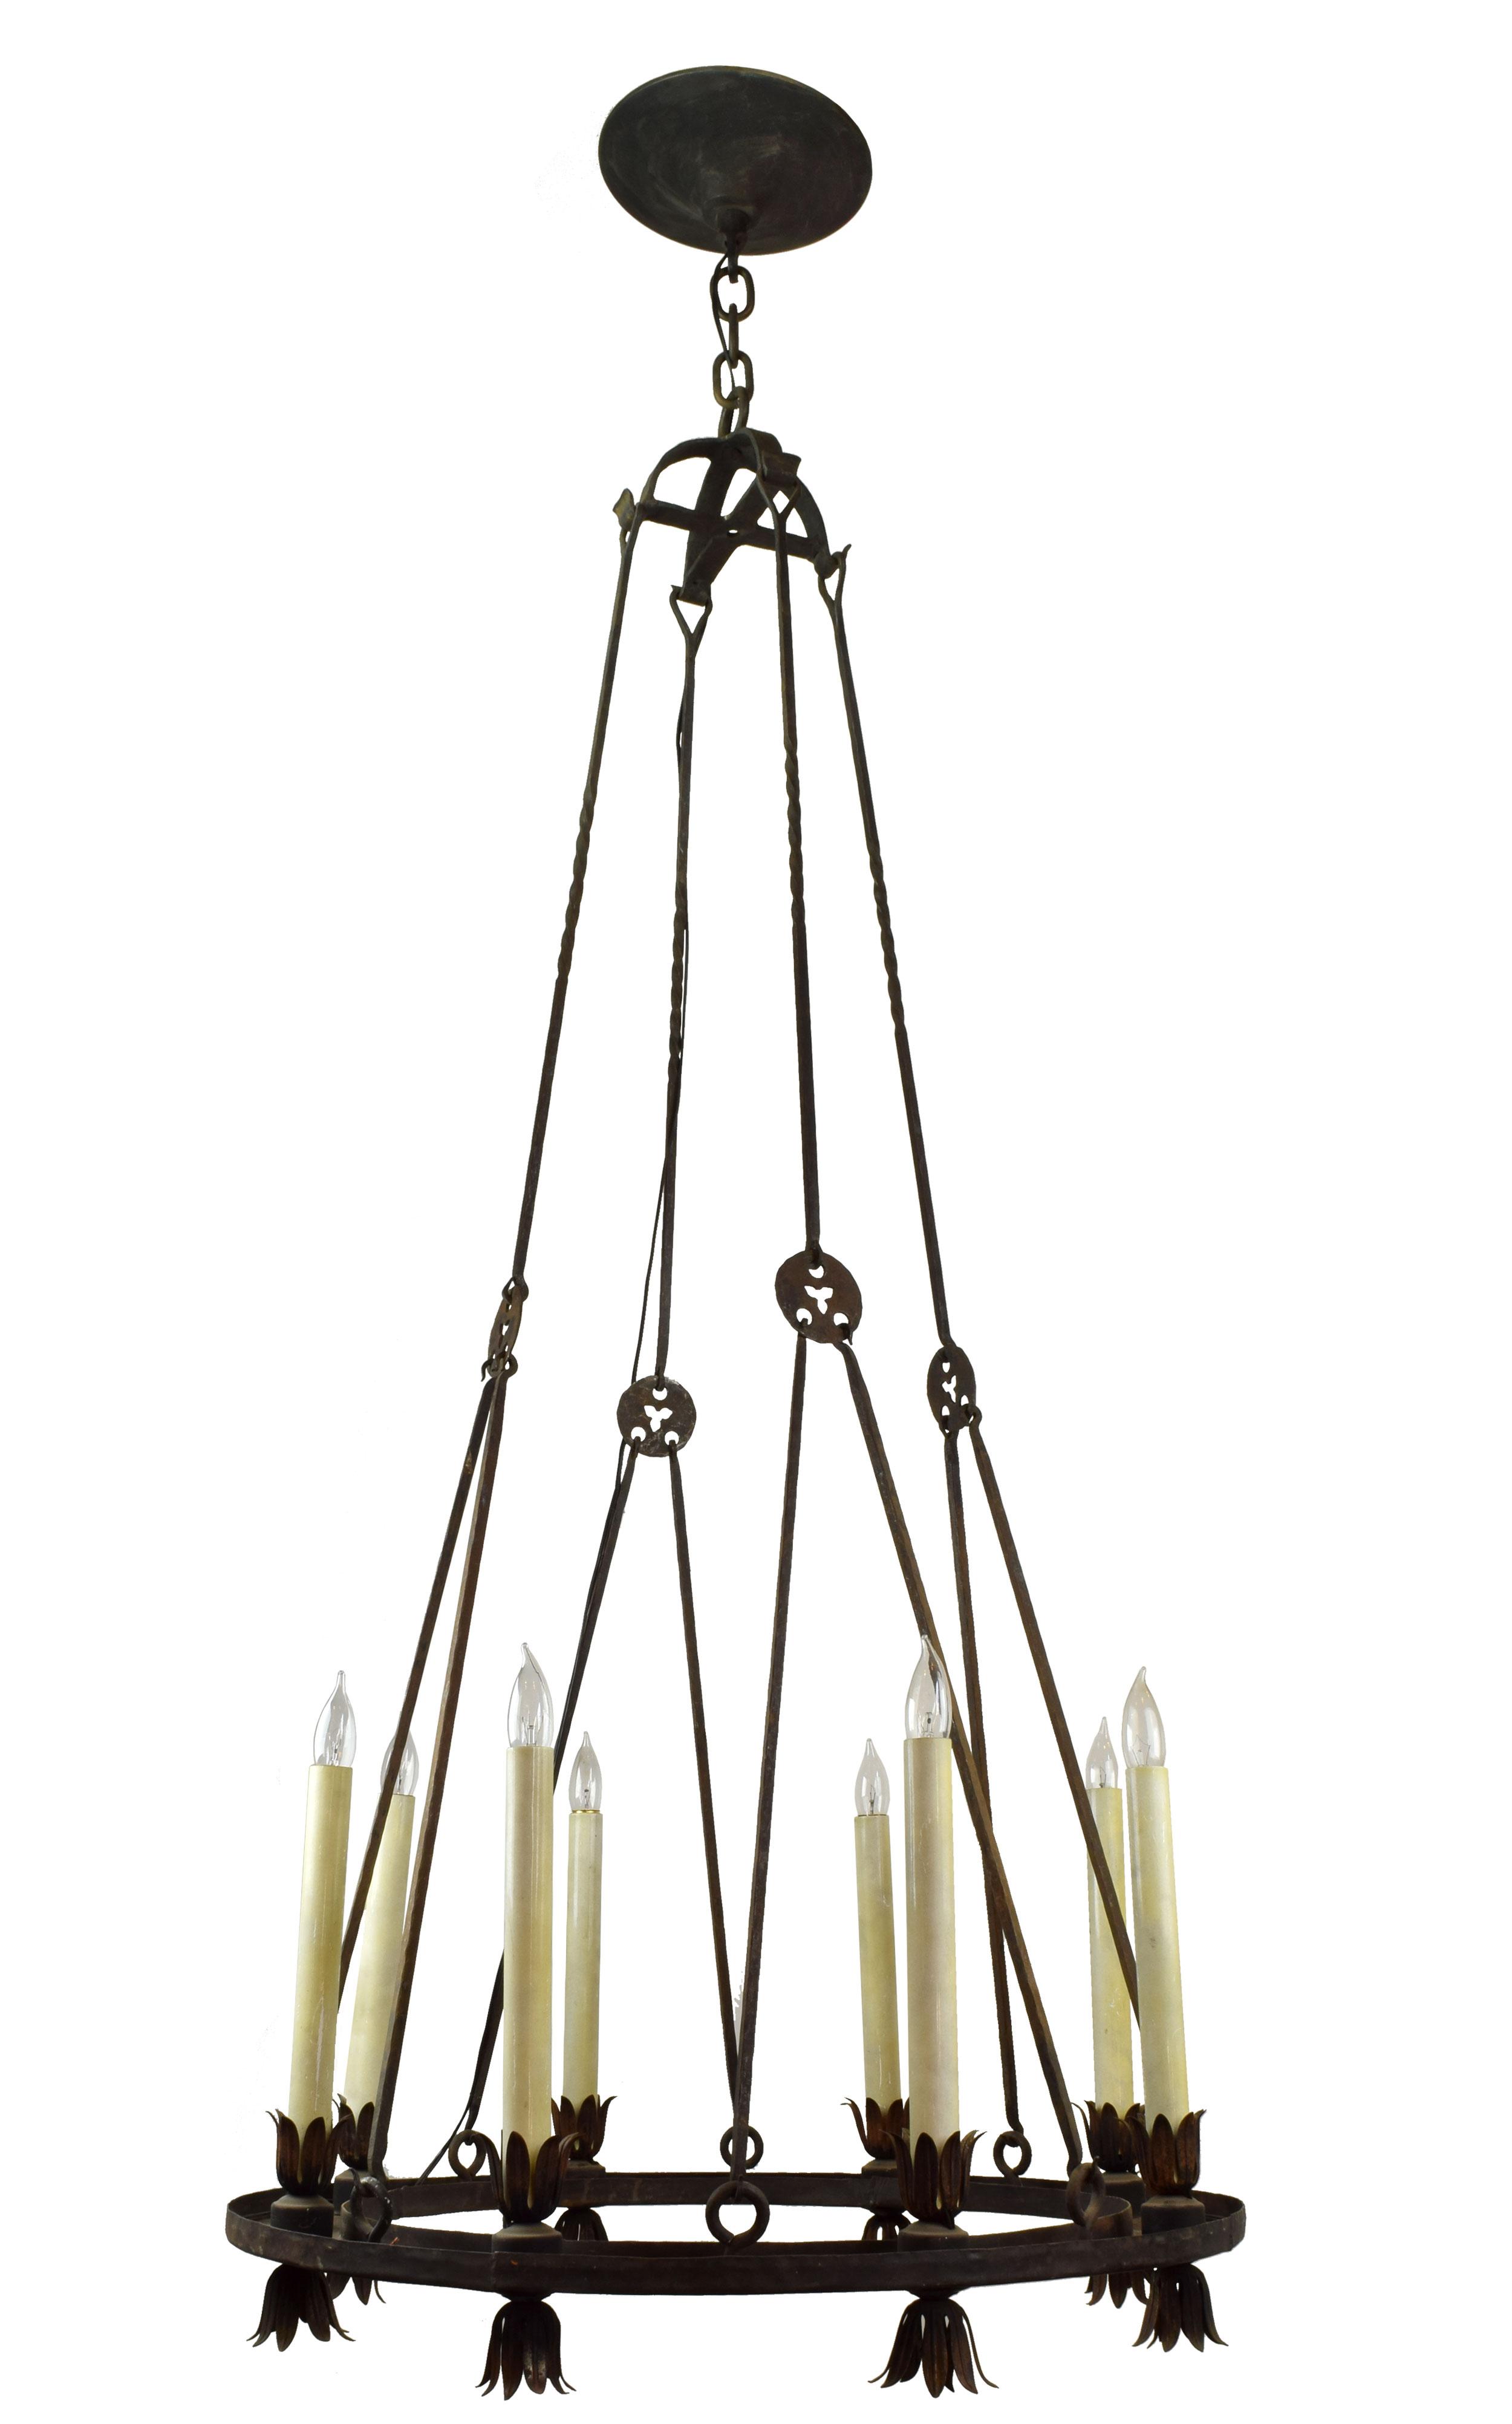 82168 round iron chandelier MAIN.jpg